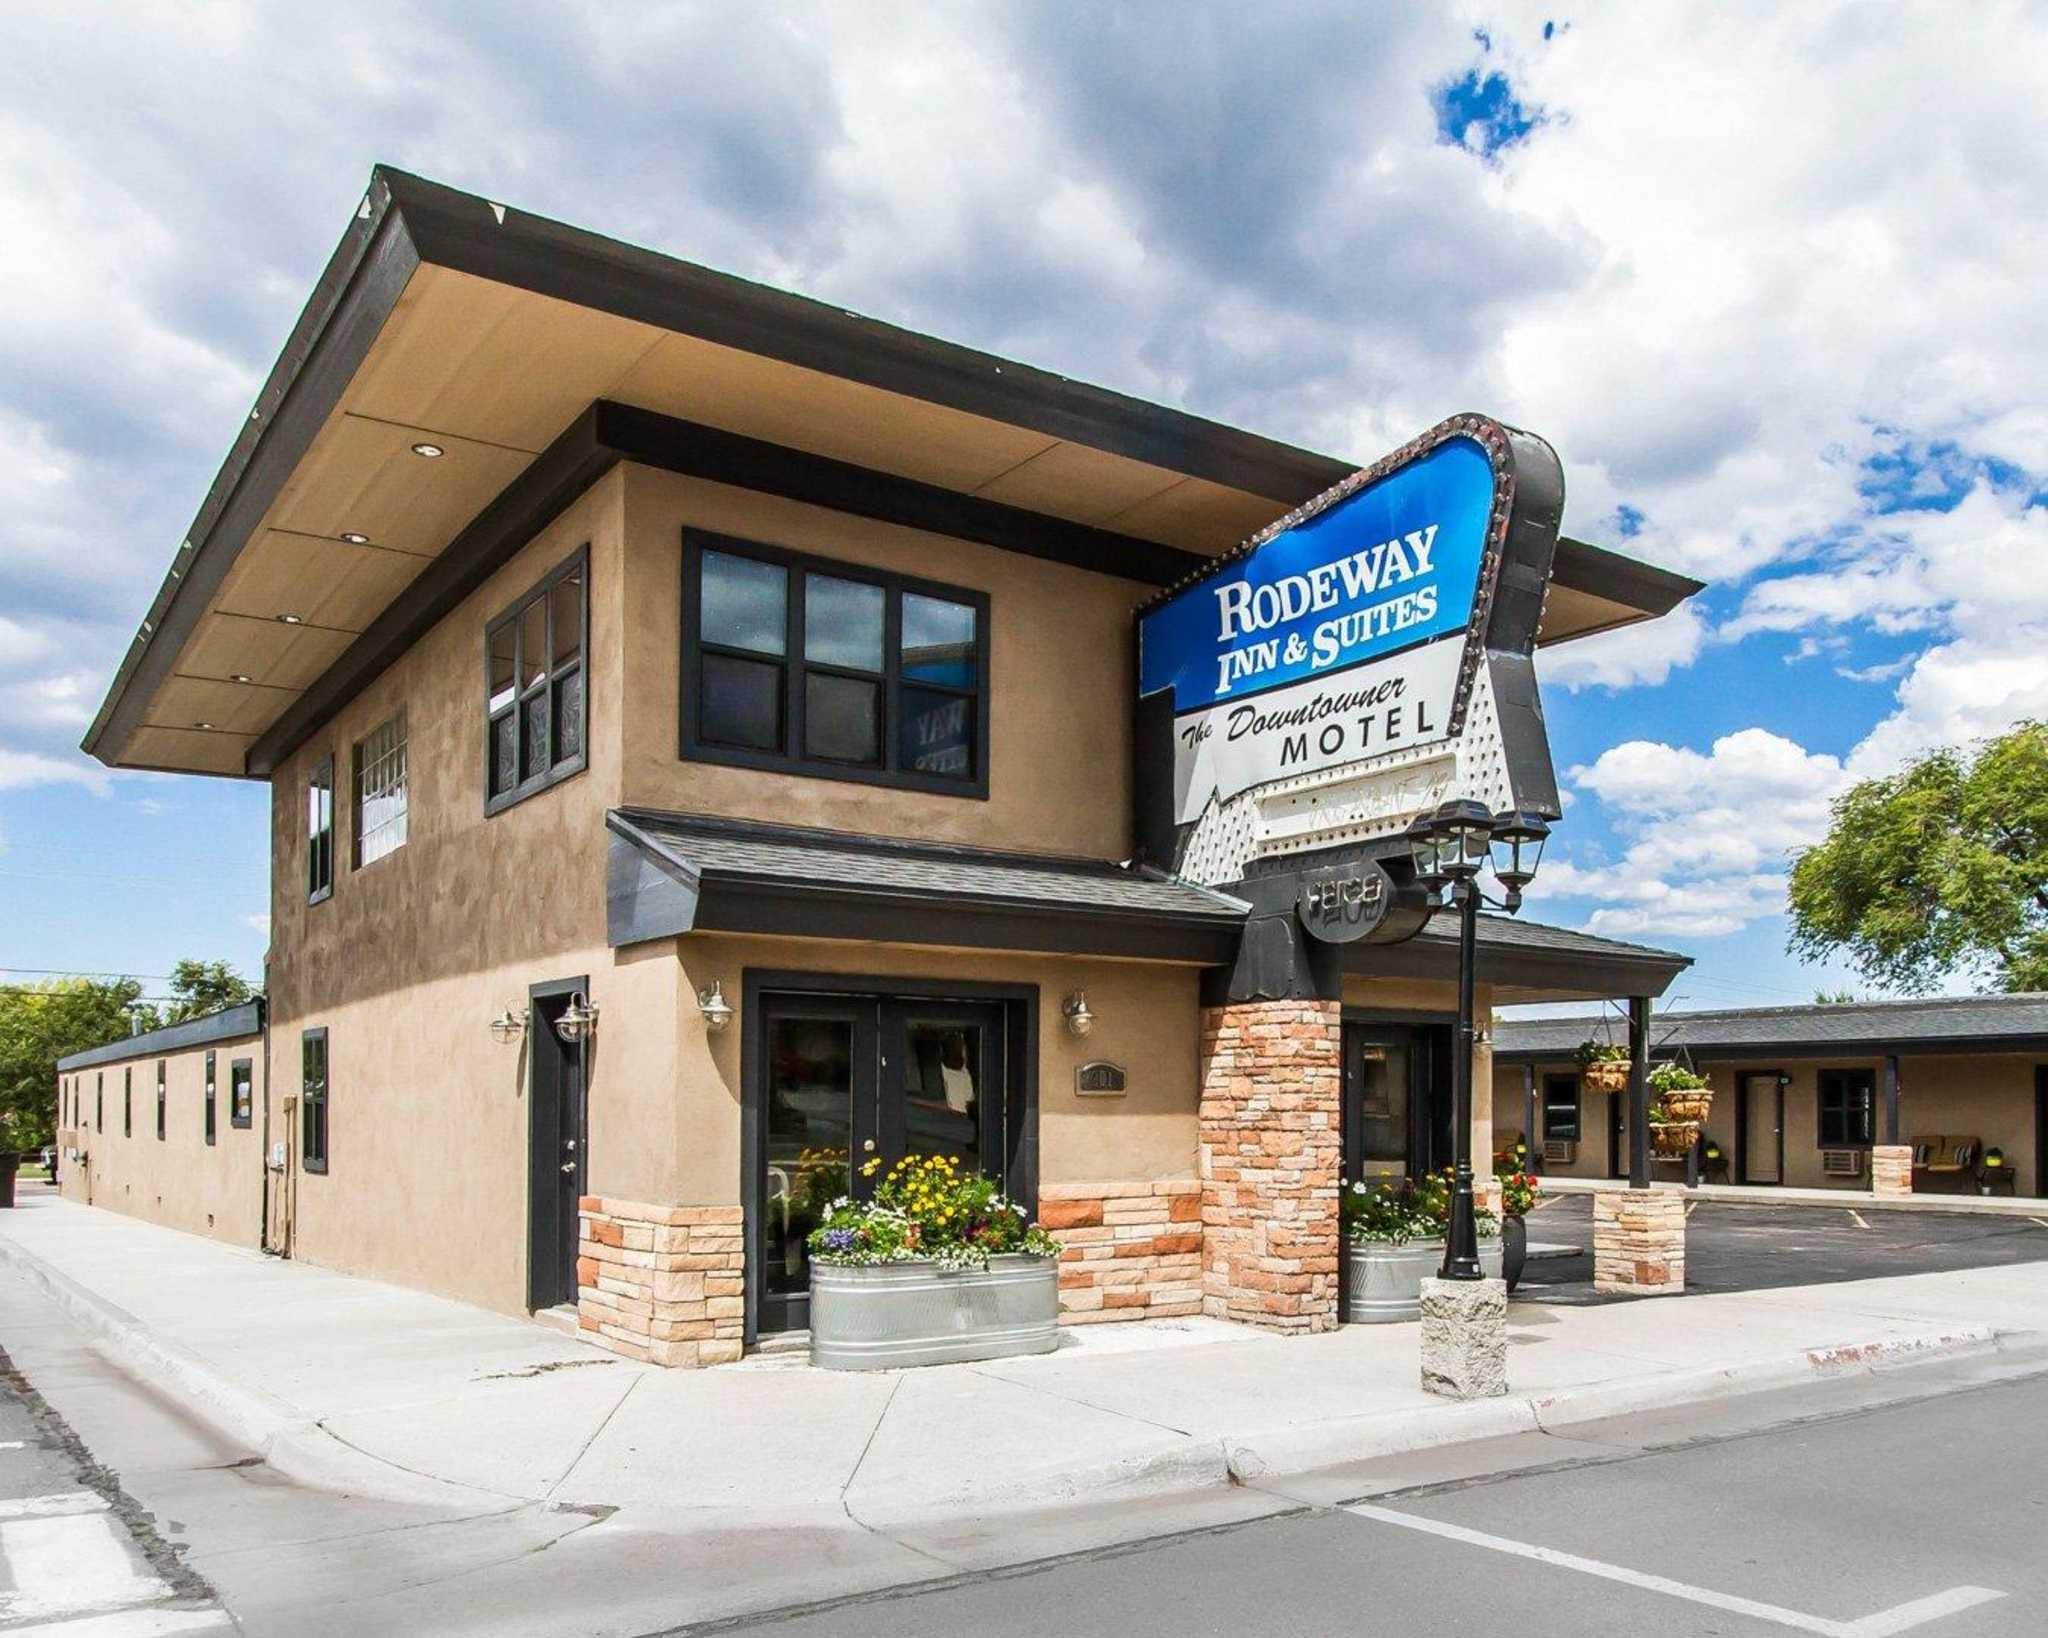 Rodeway Inn & Suites Downtowner-Rte 66 image 0